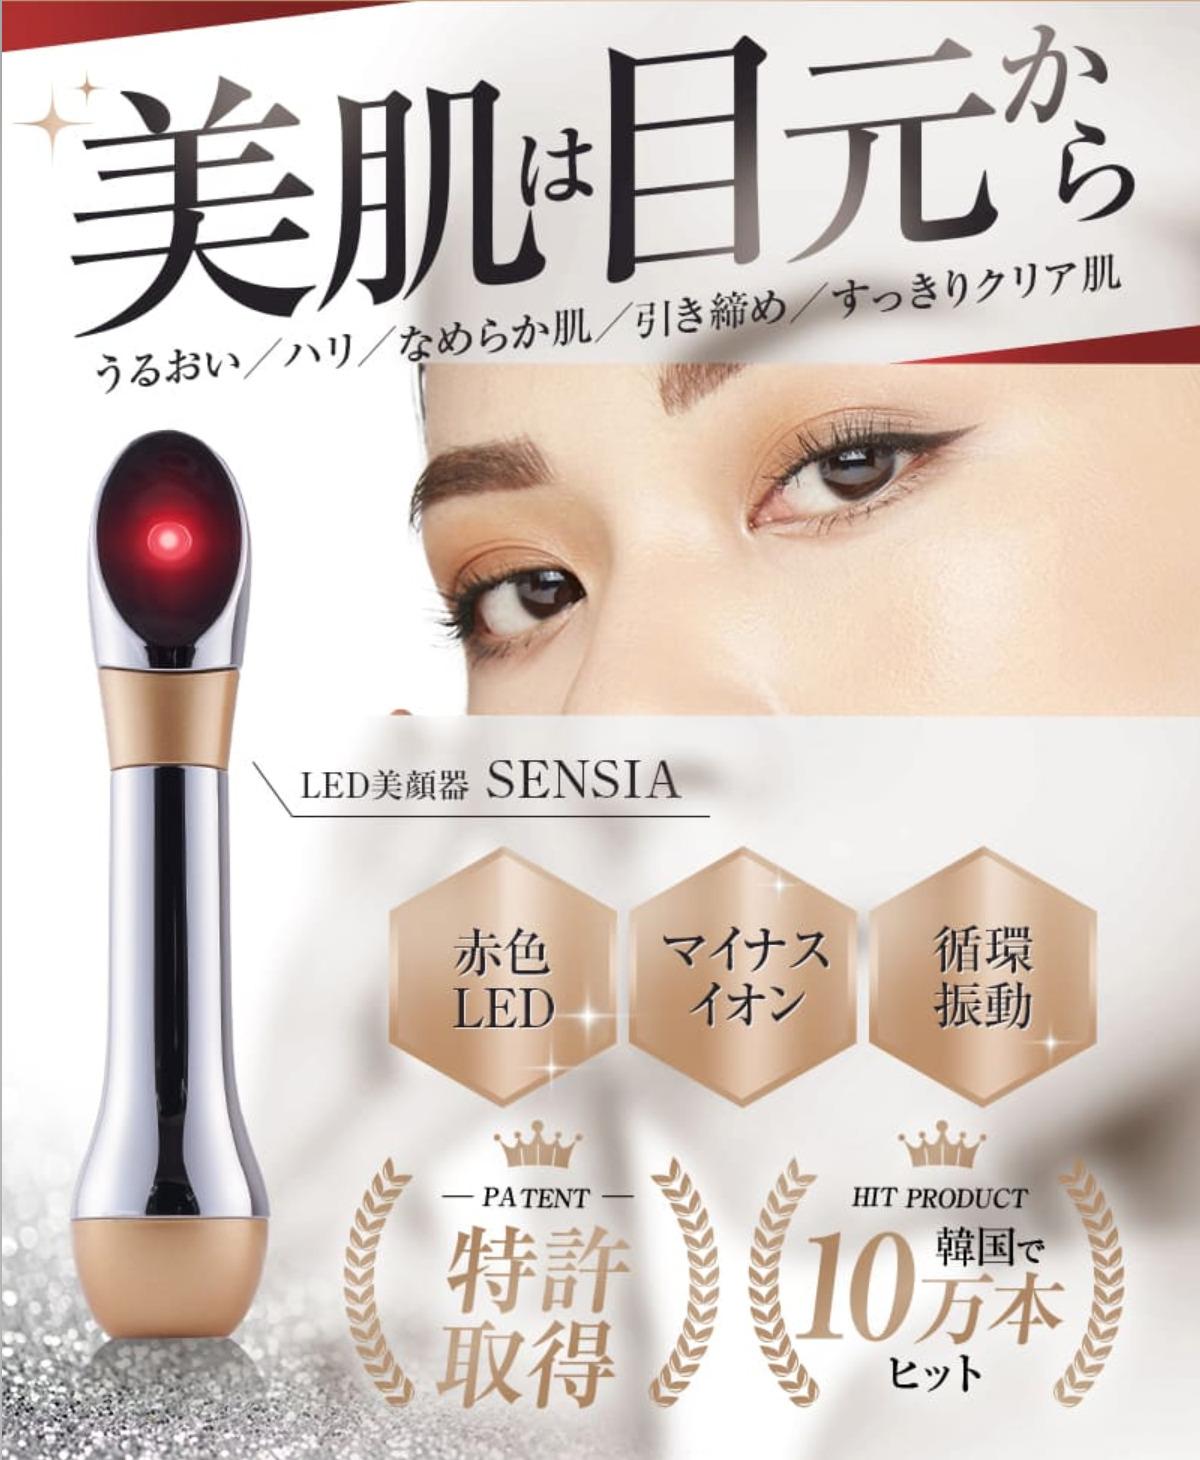 おすすめしたい美顔器!美容大国の韓国製最先端LEDのセンシア